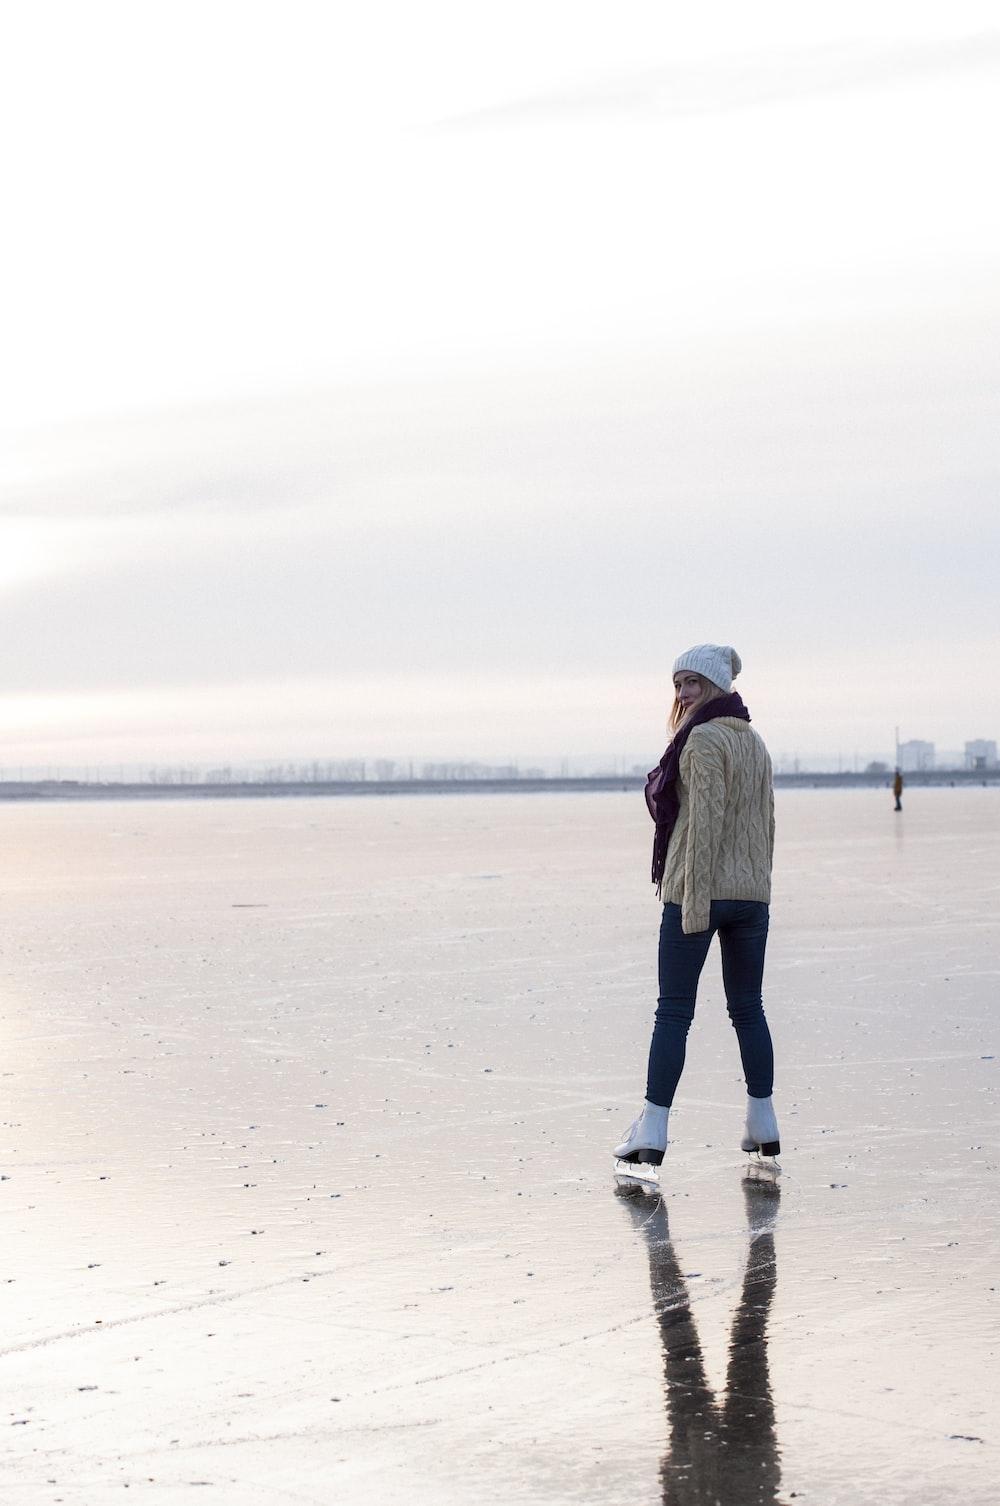 woman ice skating during daytime